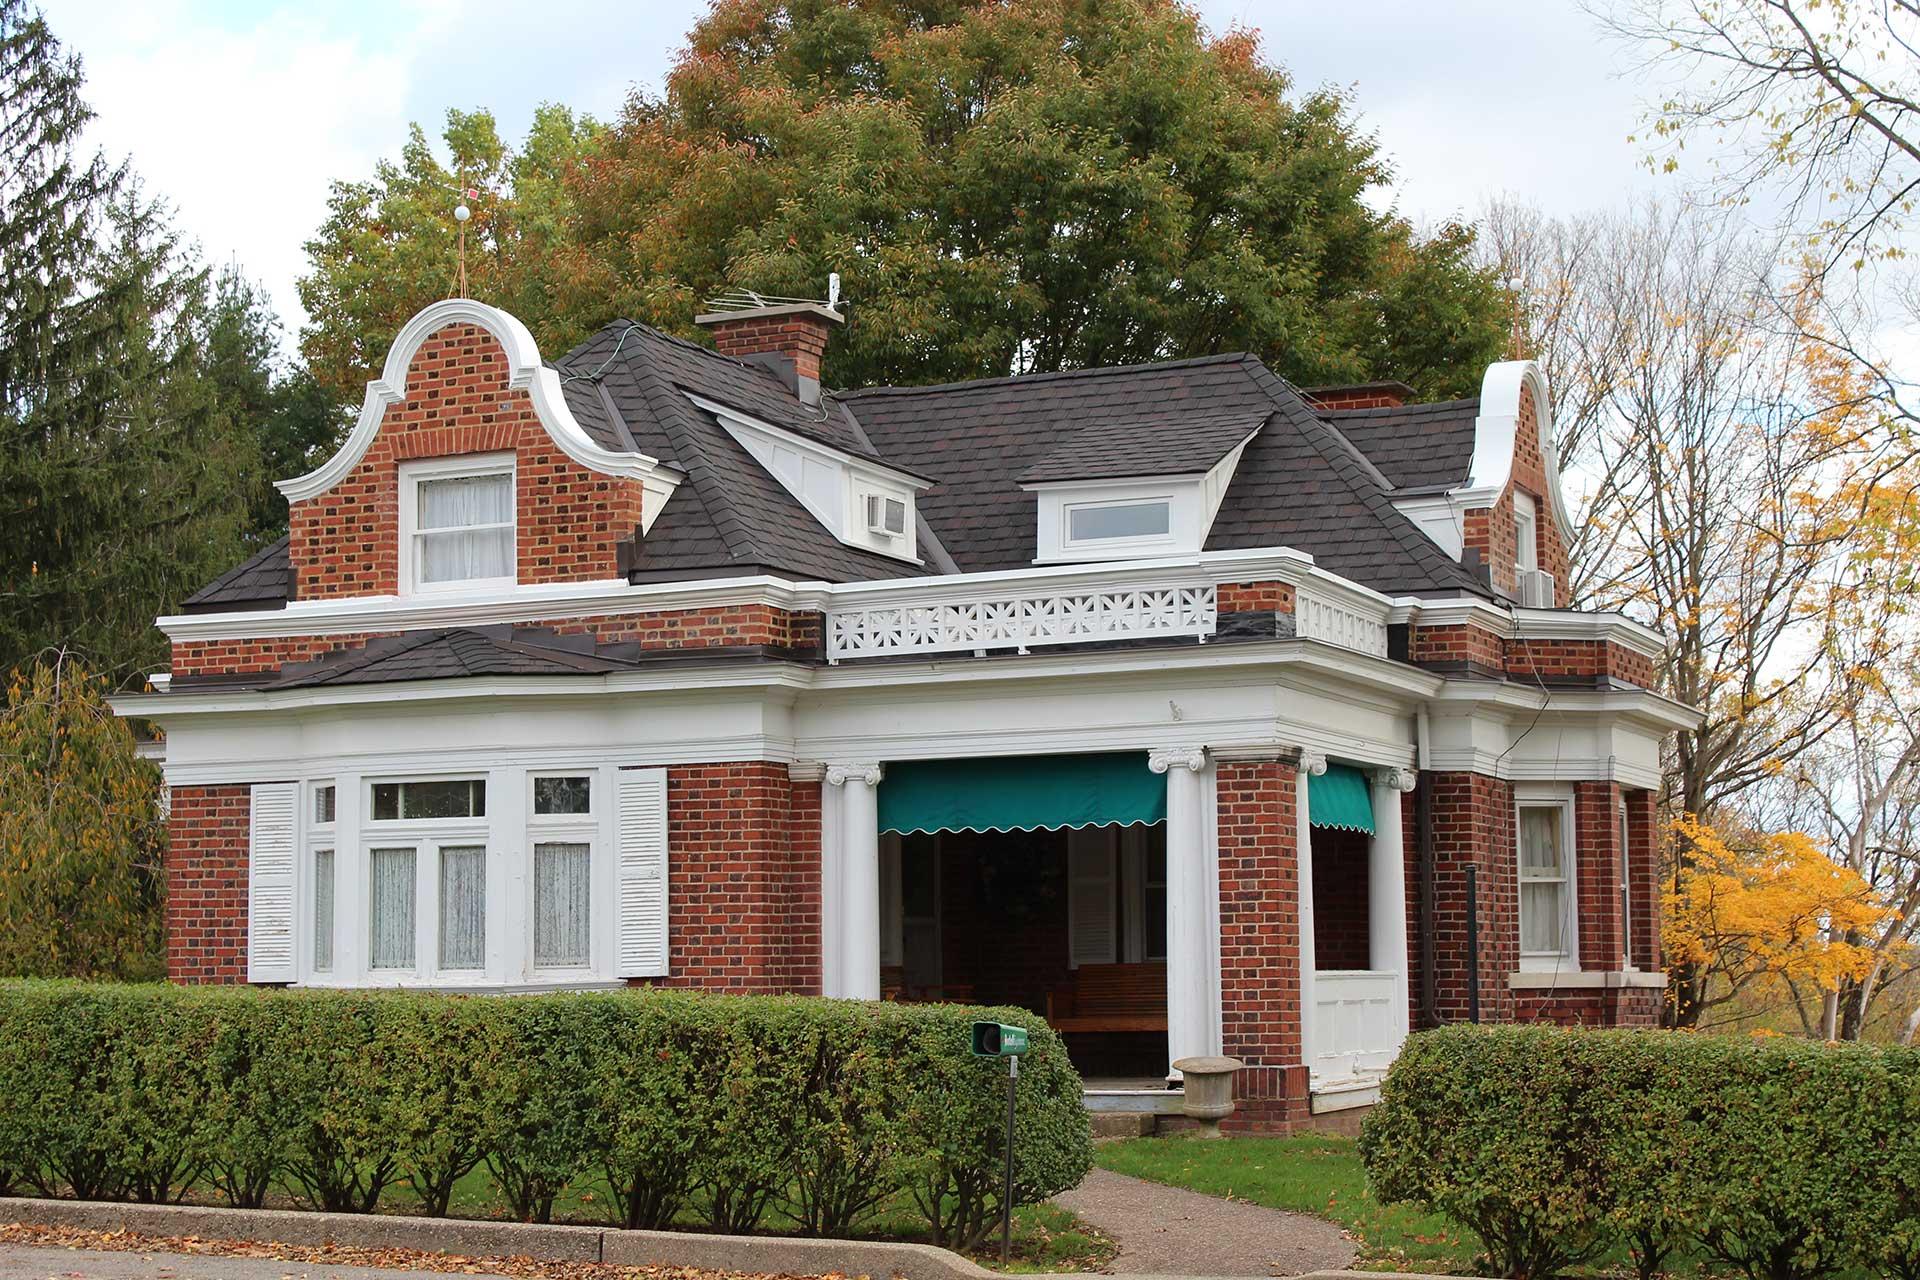 Oglebay Park Gate House Kalkreuth Roofing And Sheet Metal